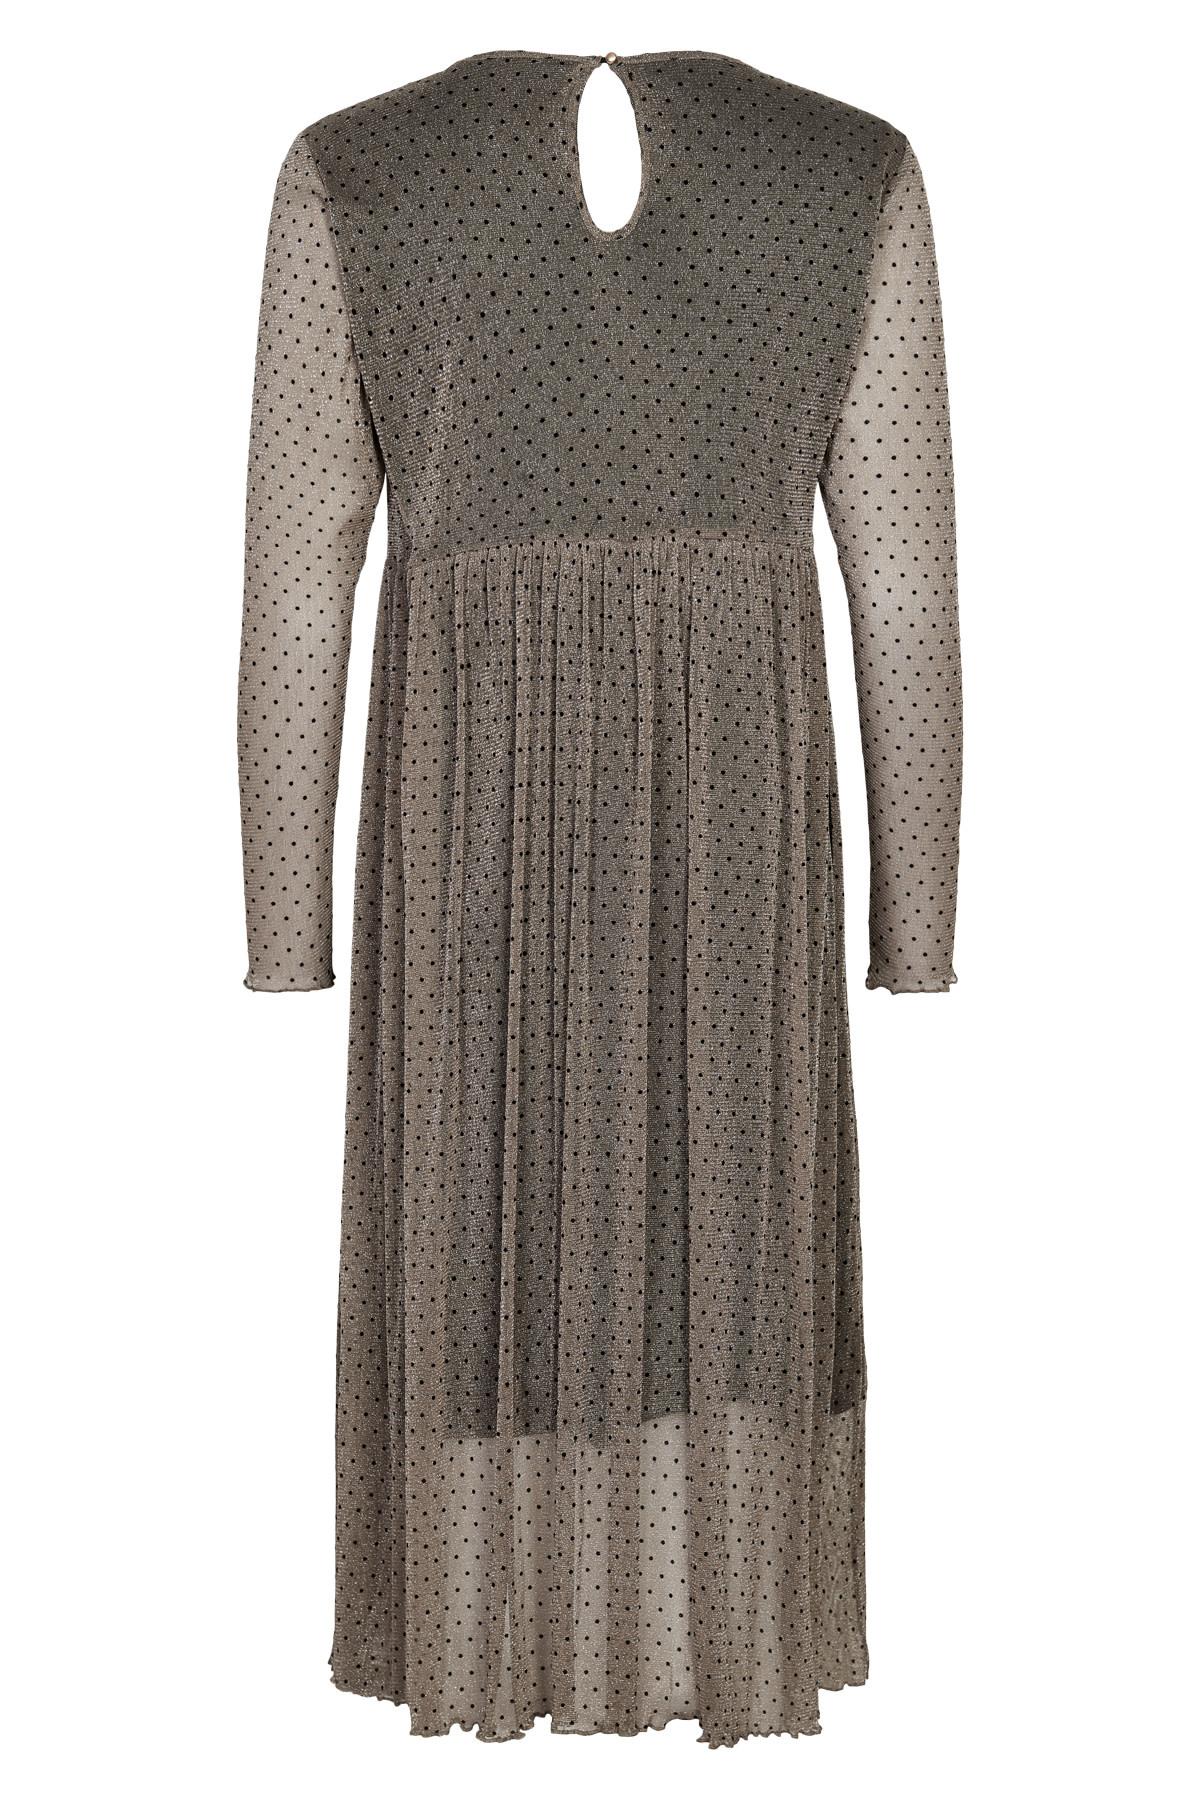 Nümph Freyja Dress - Glitter